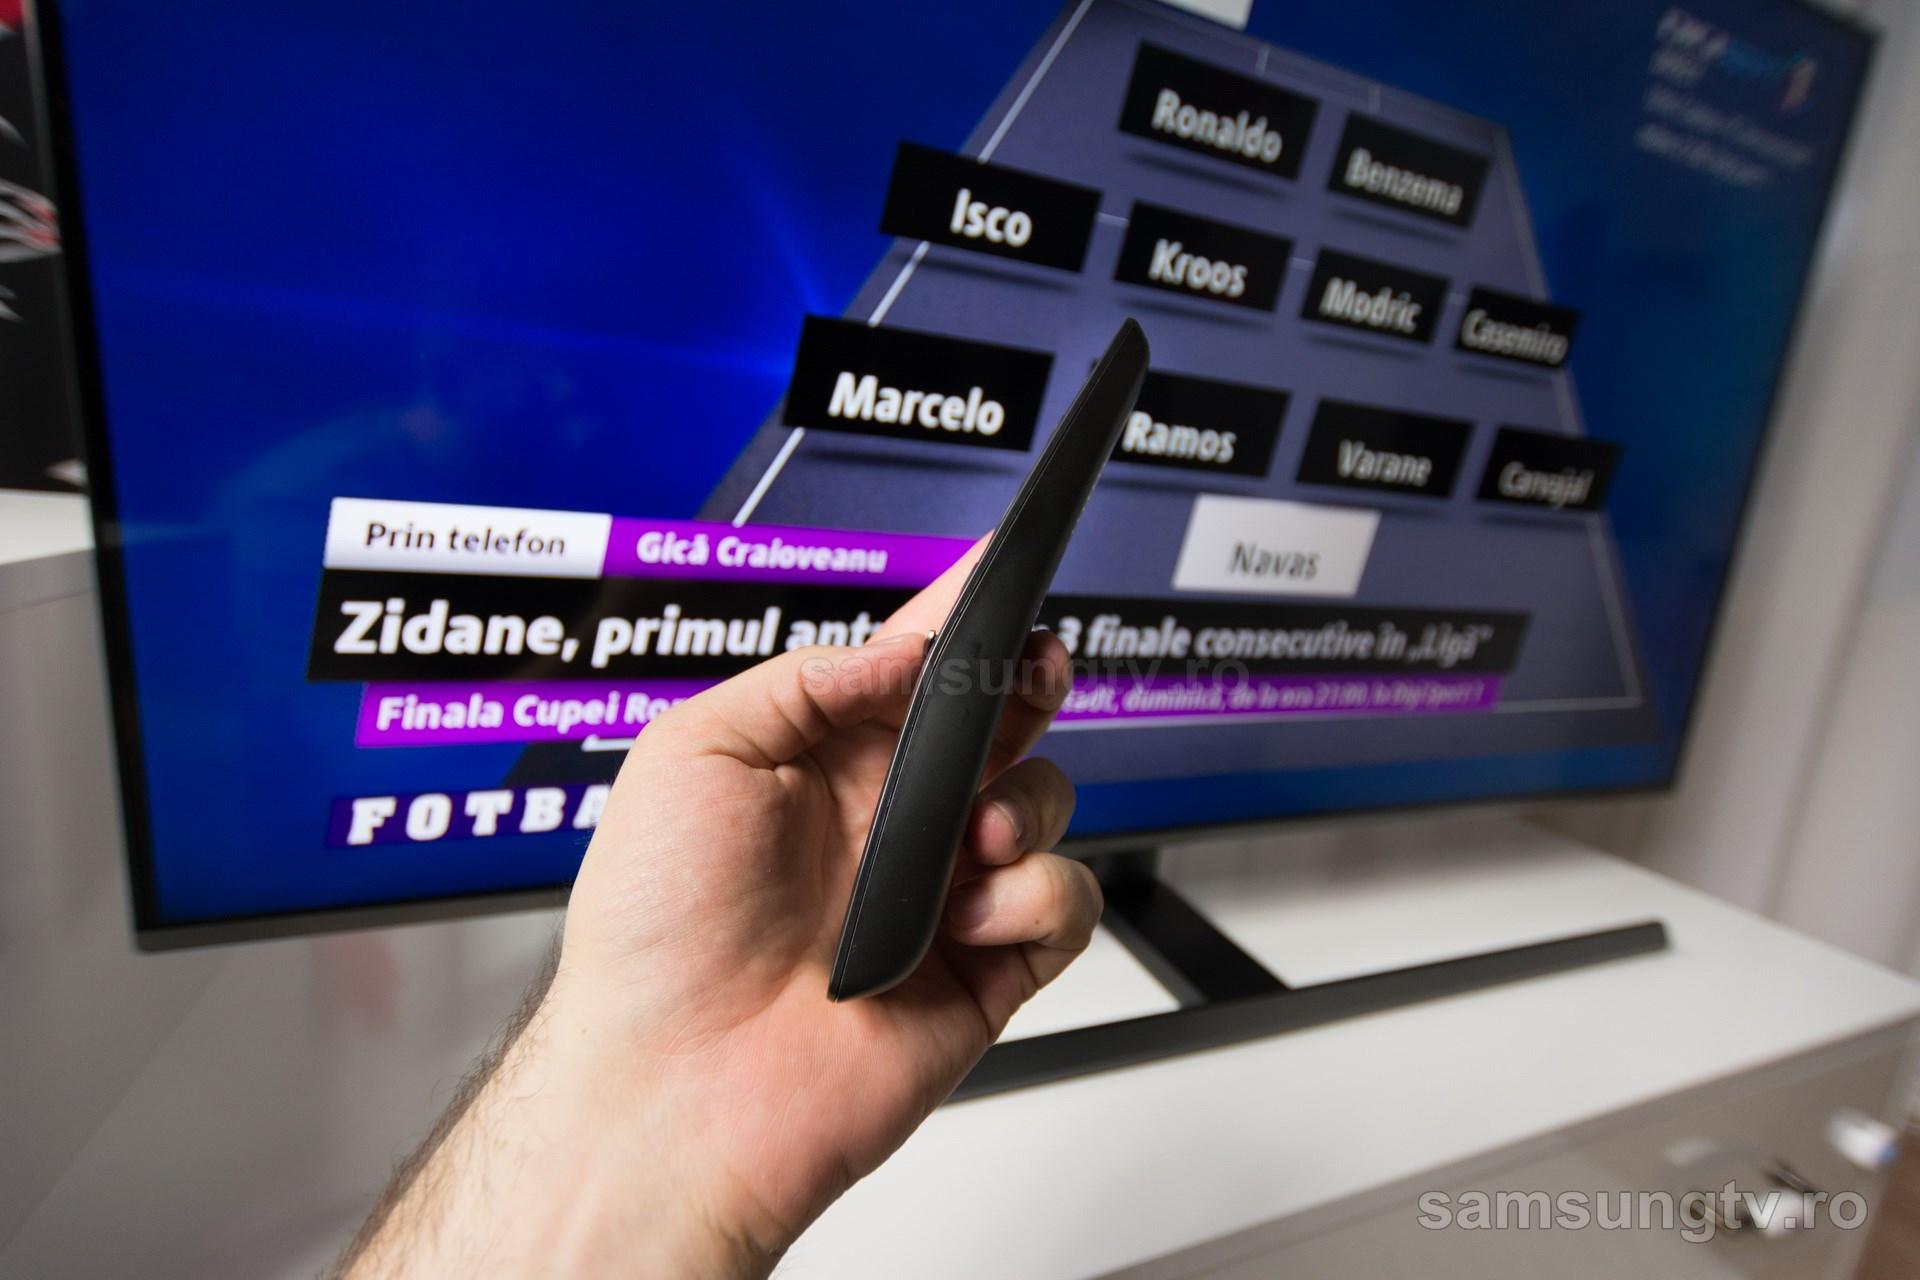 samsung 49nu8002 55nu8002 49nu8000 55nu8000 eu49nu8002 eu55nu8002 remote contl telecomanda side